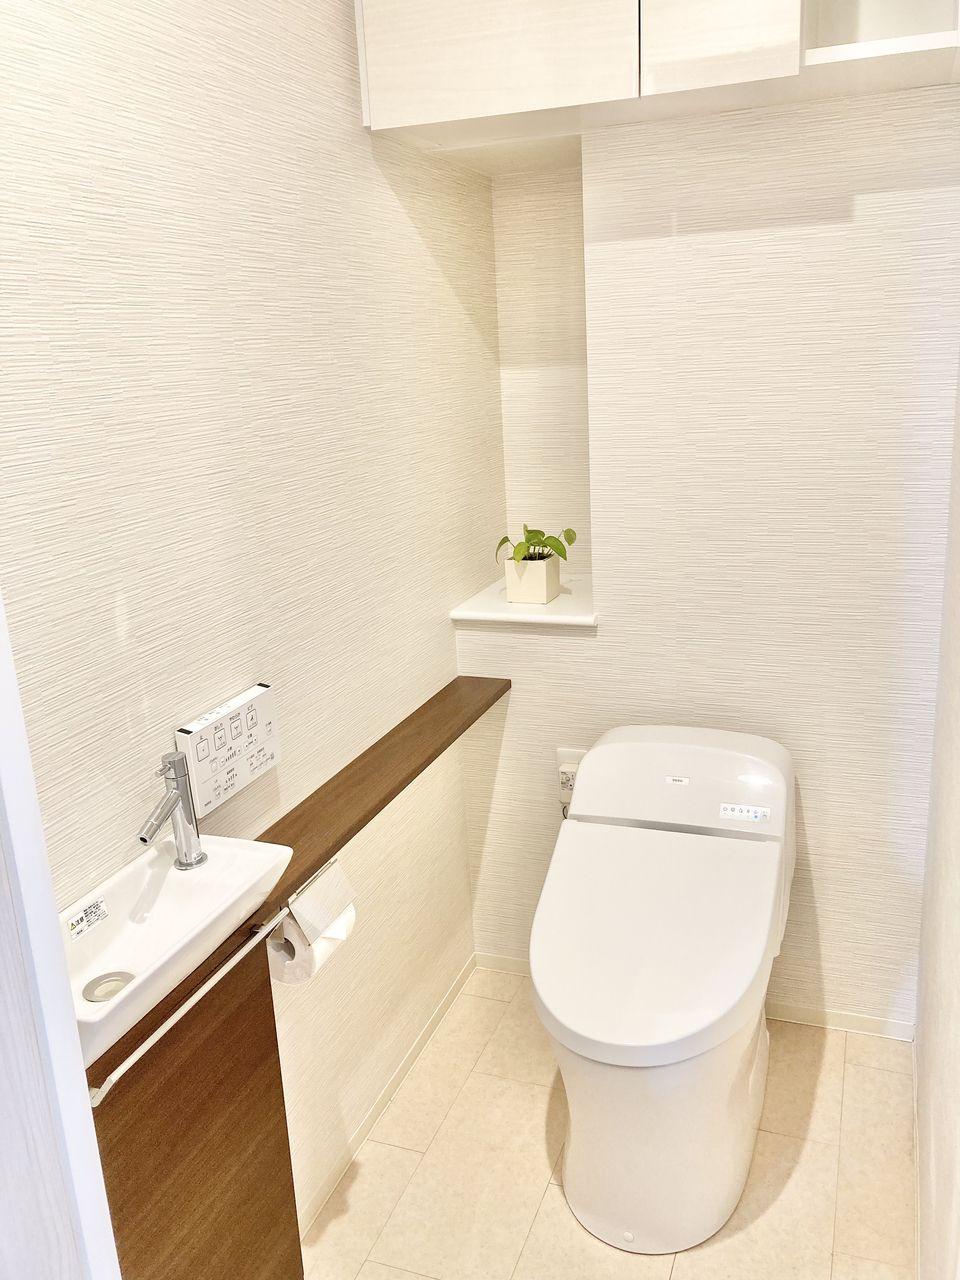 TOTOの超節水トイレは、従来品に比べて約71%にも節水。水道代も年間約14,200円お得。汚れがたまりやすいフチ裏をなくしたTOTO独自の便器形状が進化。手前から奥までぐるりとフチをなくして、汚れが見えにくかった死角もありません。便器のフチを握るようにして、シートでサッとふくだけでトイレ掃除できます。